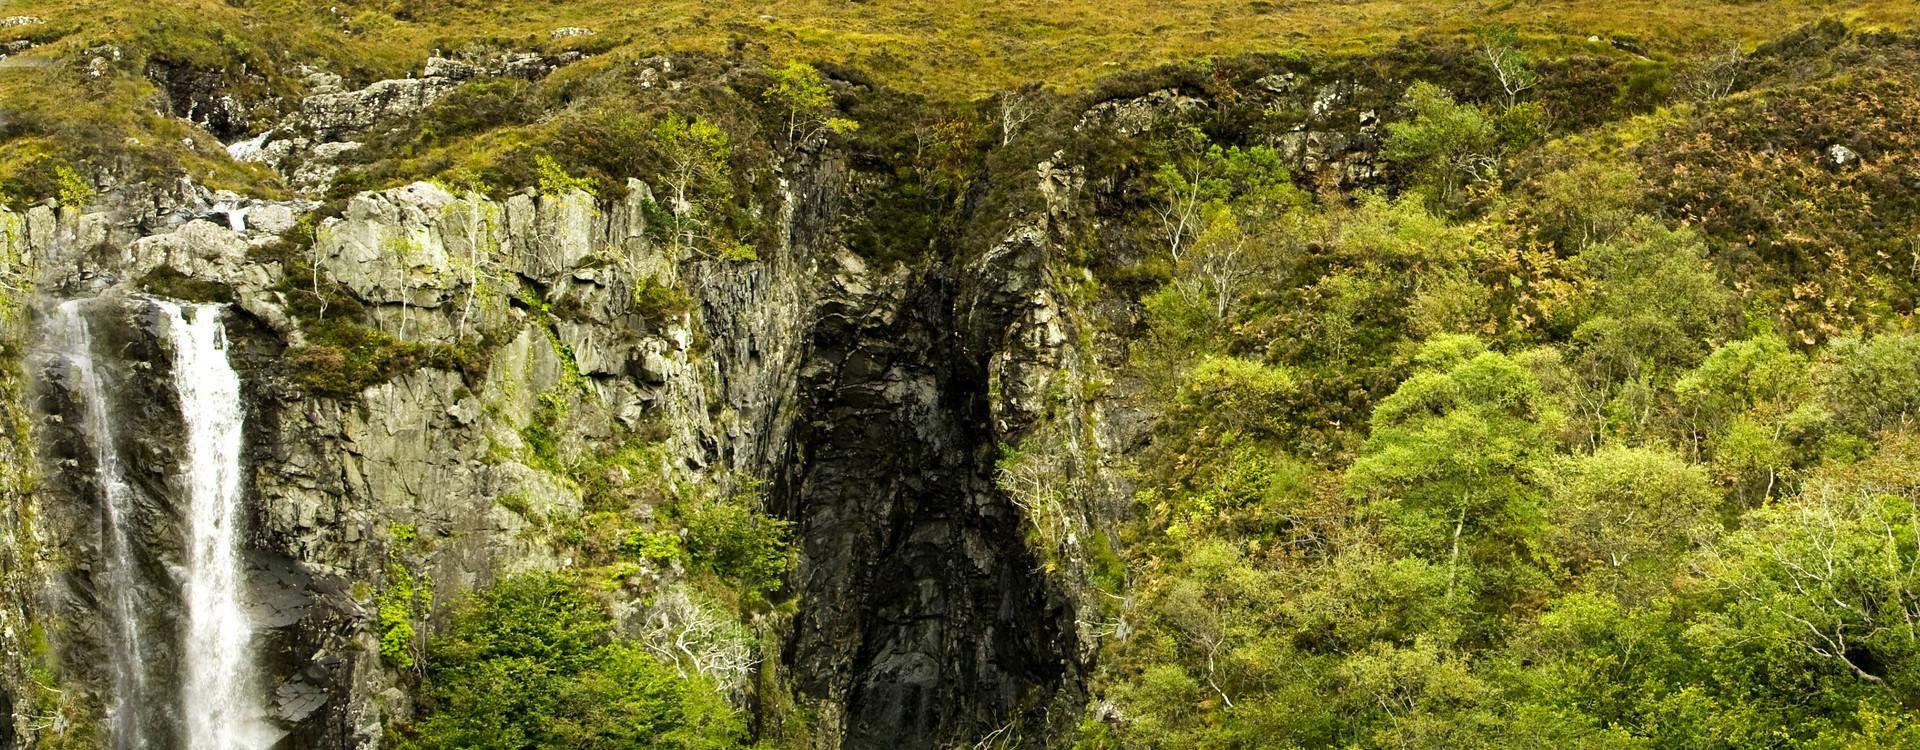 Waterfalls Coire na Creiche